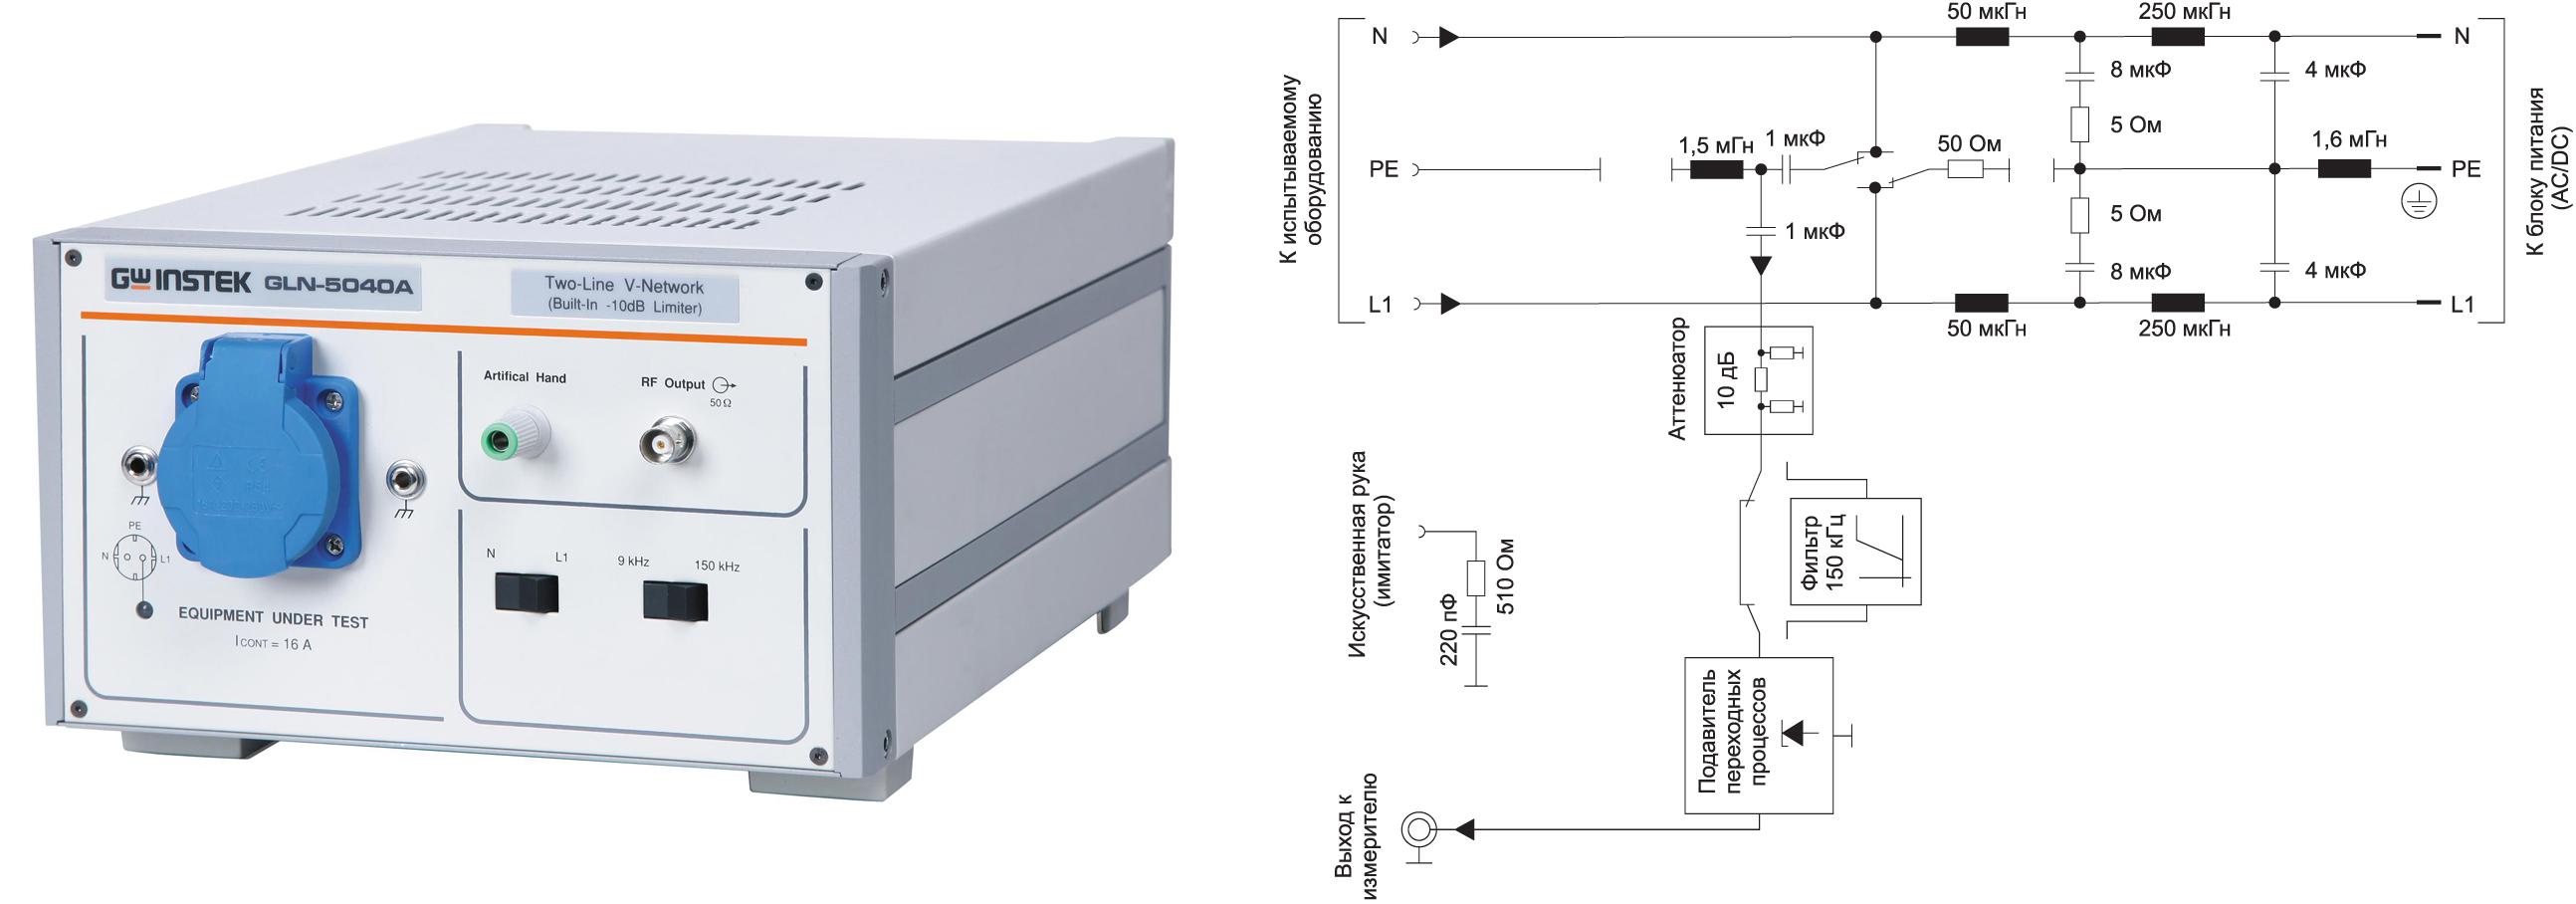 Двухпроводной V-образный эквивалент сети GLN-5040A LISN от компании GW Instek